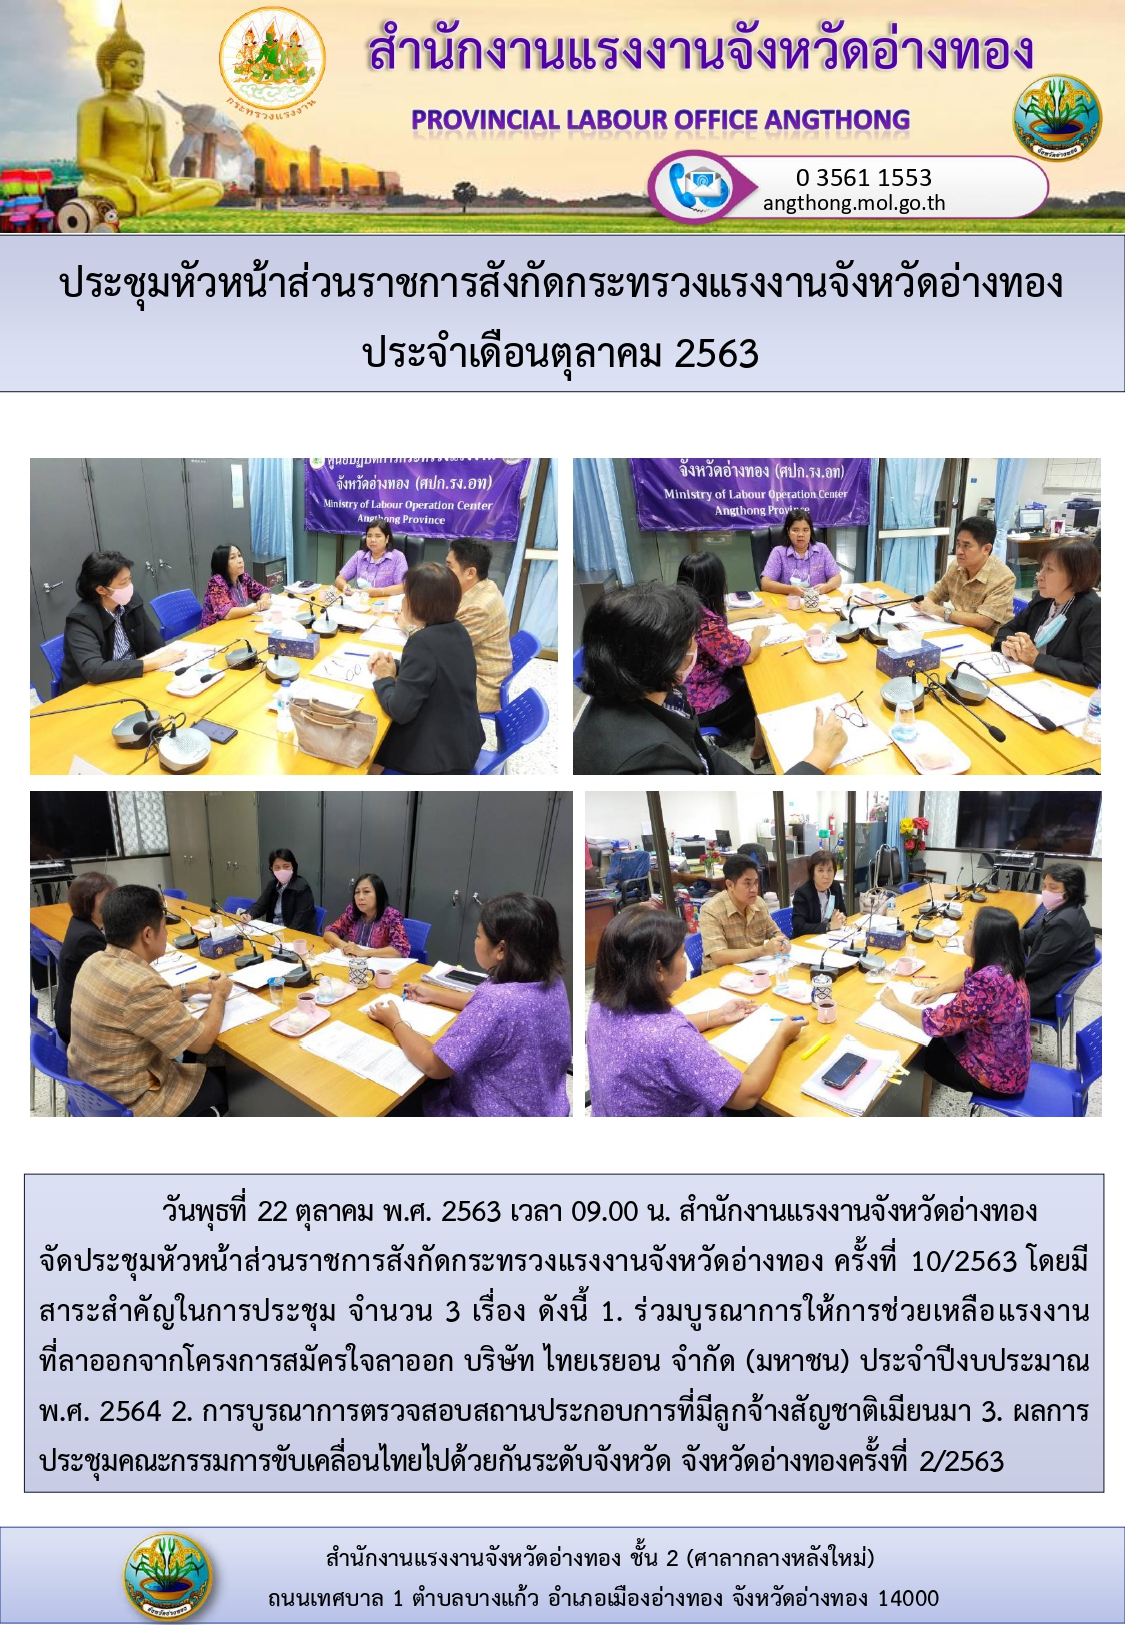 ประชุมหัวหน้าส่วนราชการจังหวัดอ่างทองประจำเดือนตุลาคม 2563